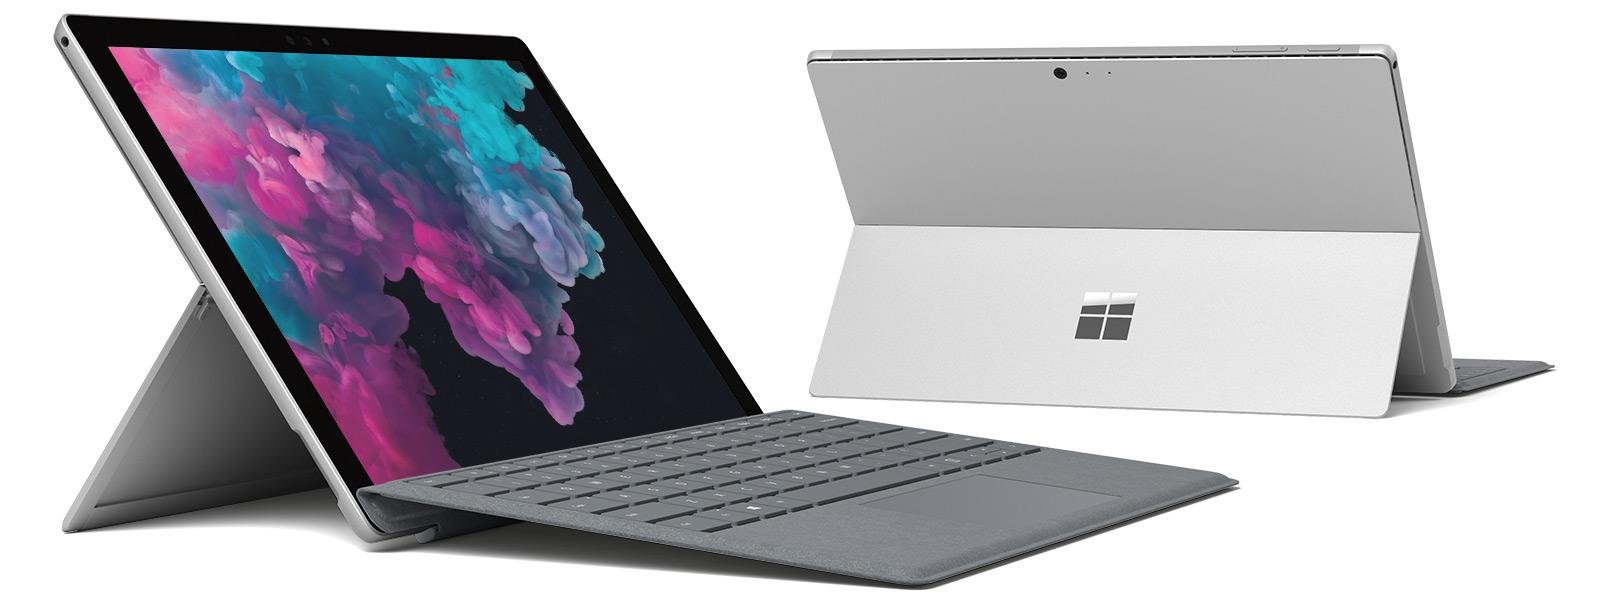 Windows 10 のデスクトップを表示する Surface Pro 6